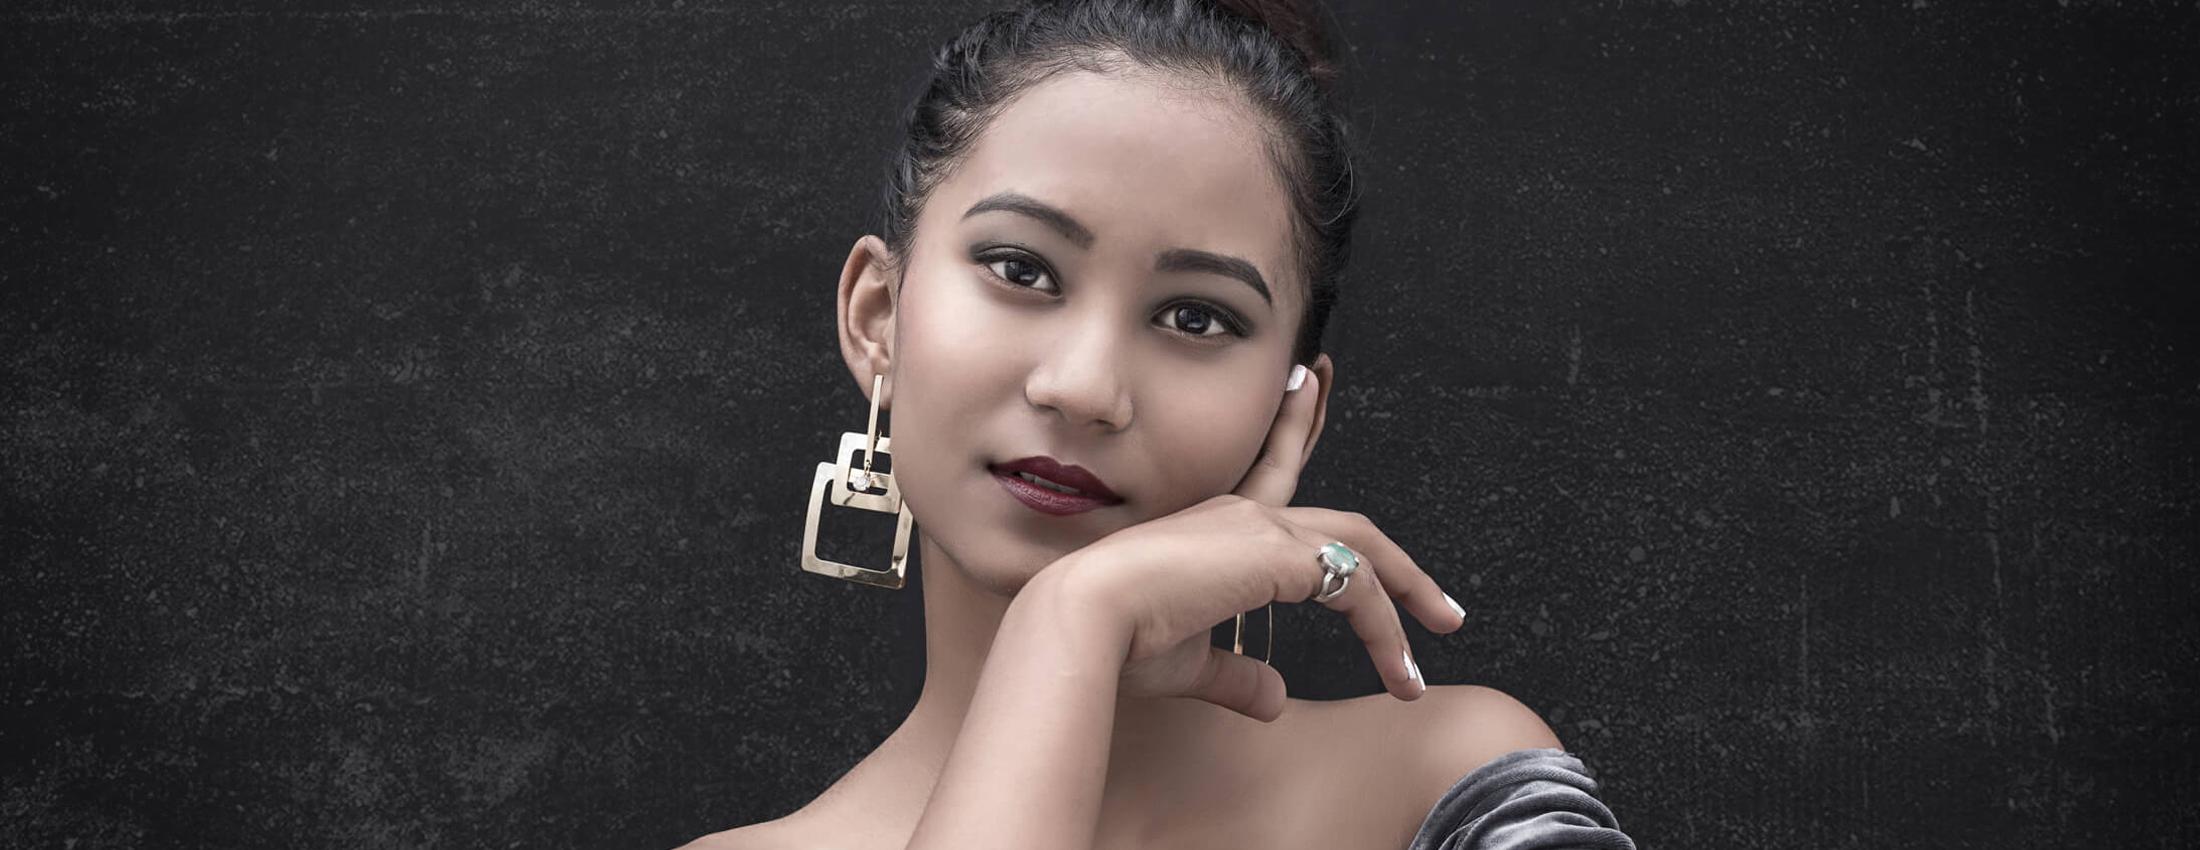 Ankita Udas - Modeling Photoshoot, Imgstock